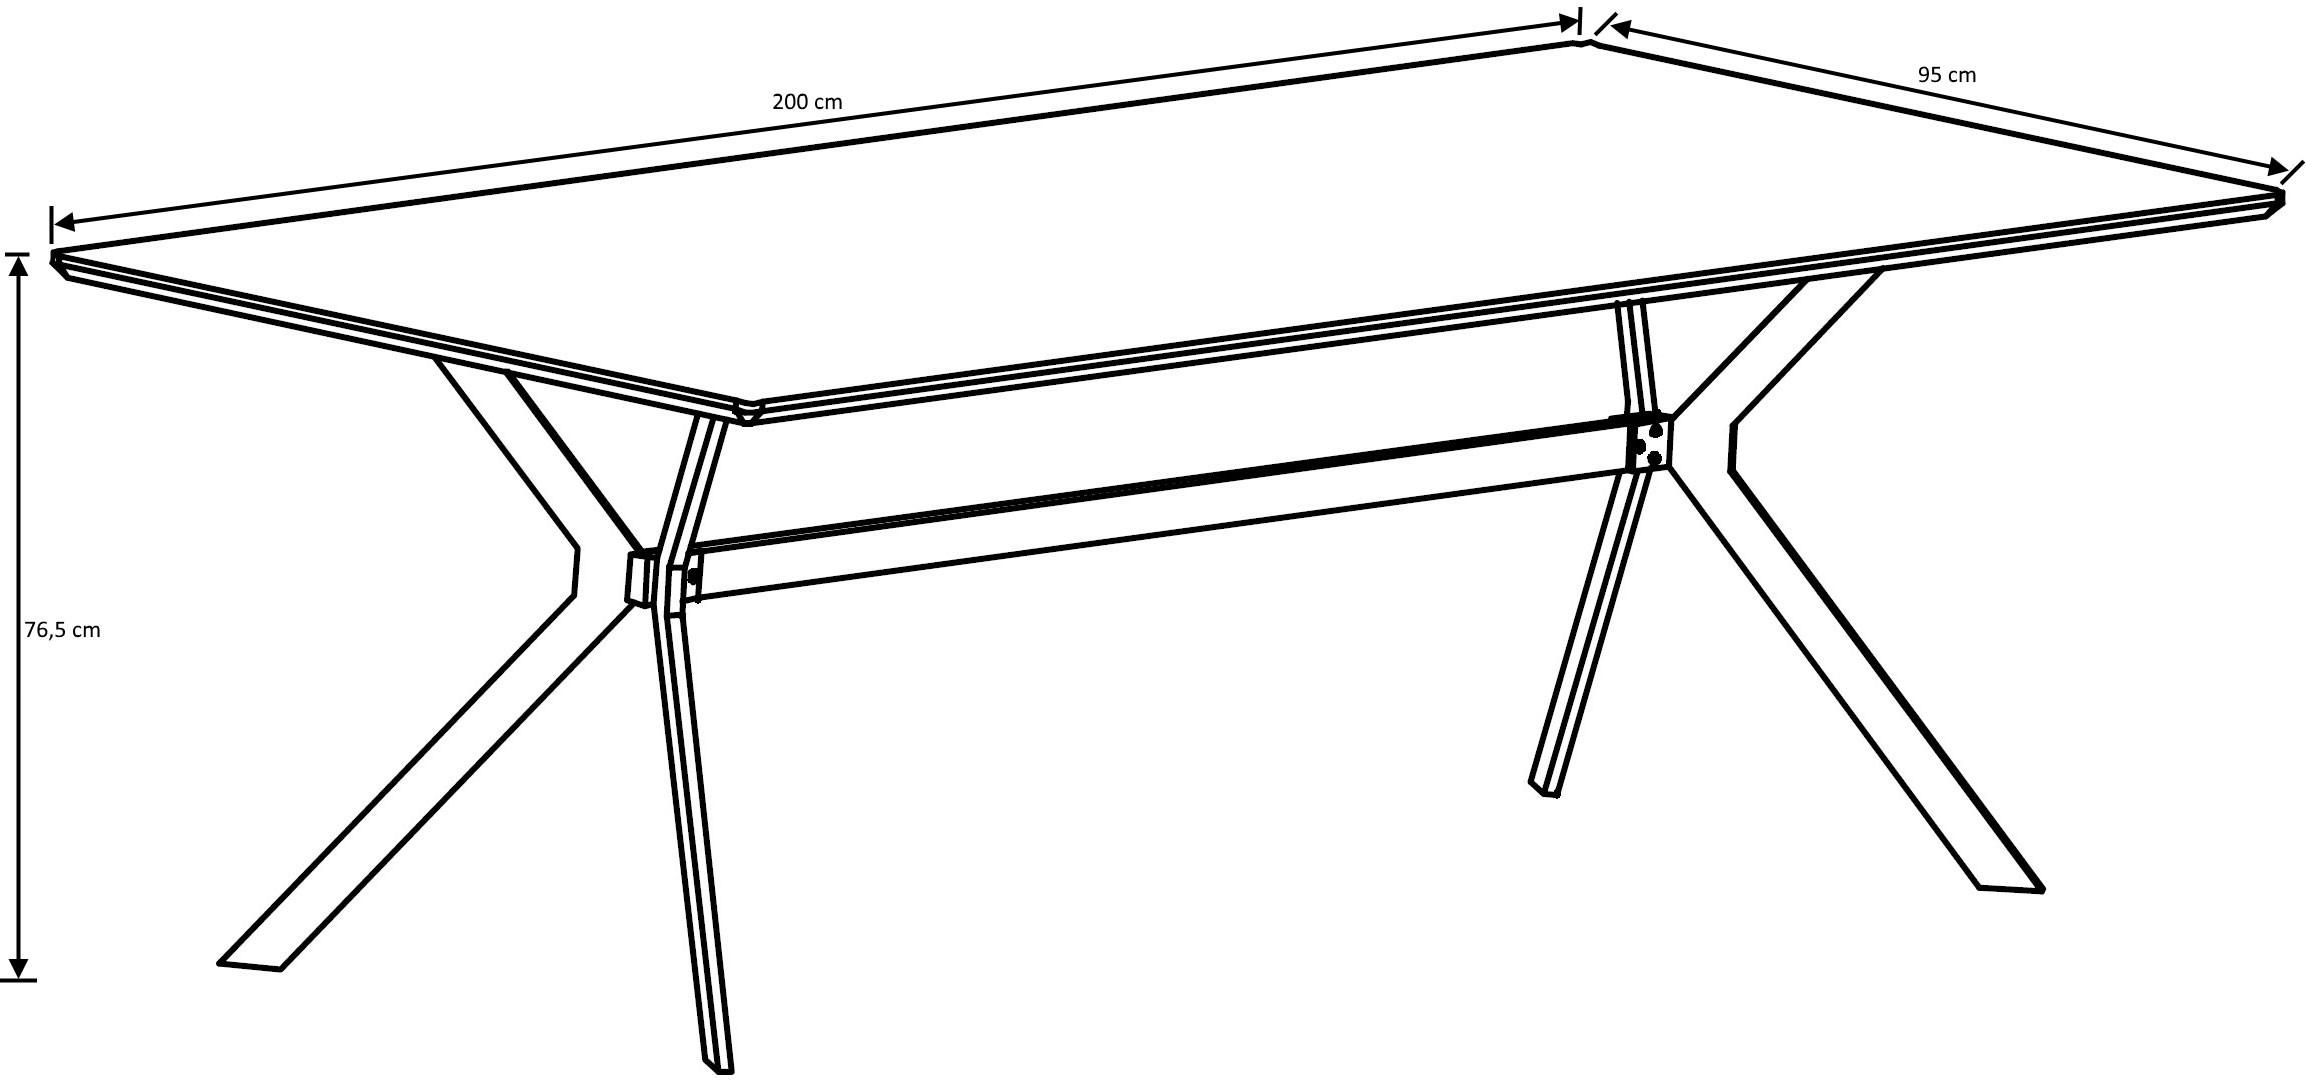 Table de salle manger vintage en bois avec pi tement en acier marguerite i matelpro - Table salle a manger bois acier ...